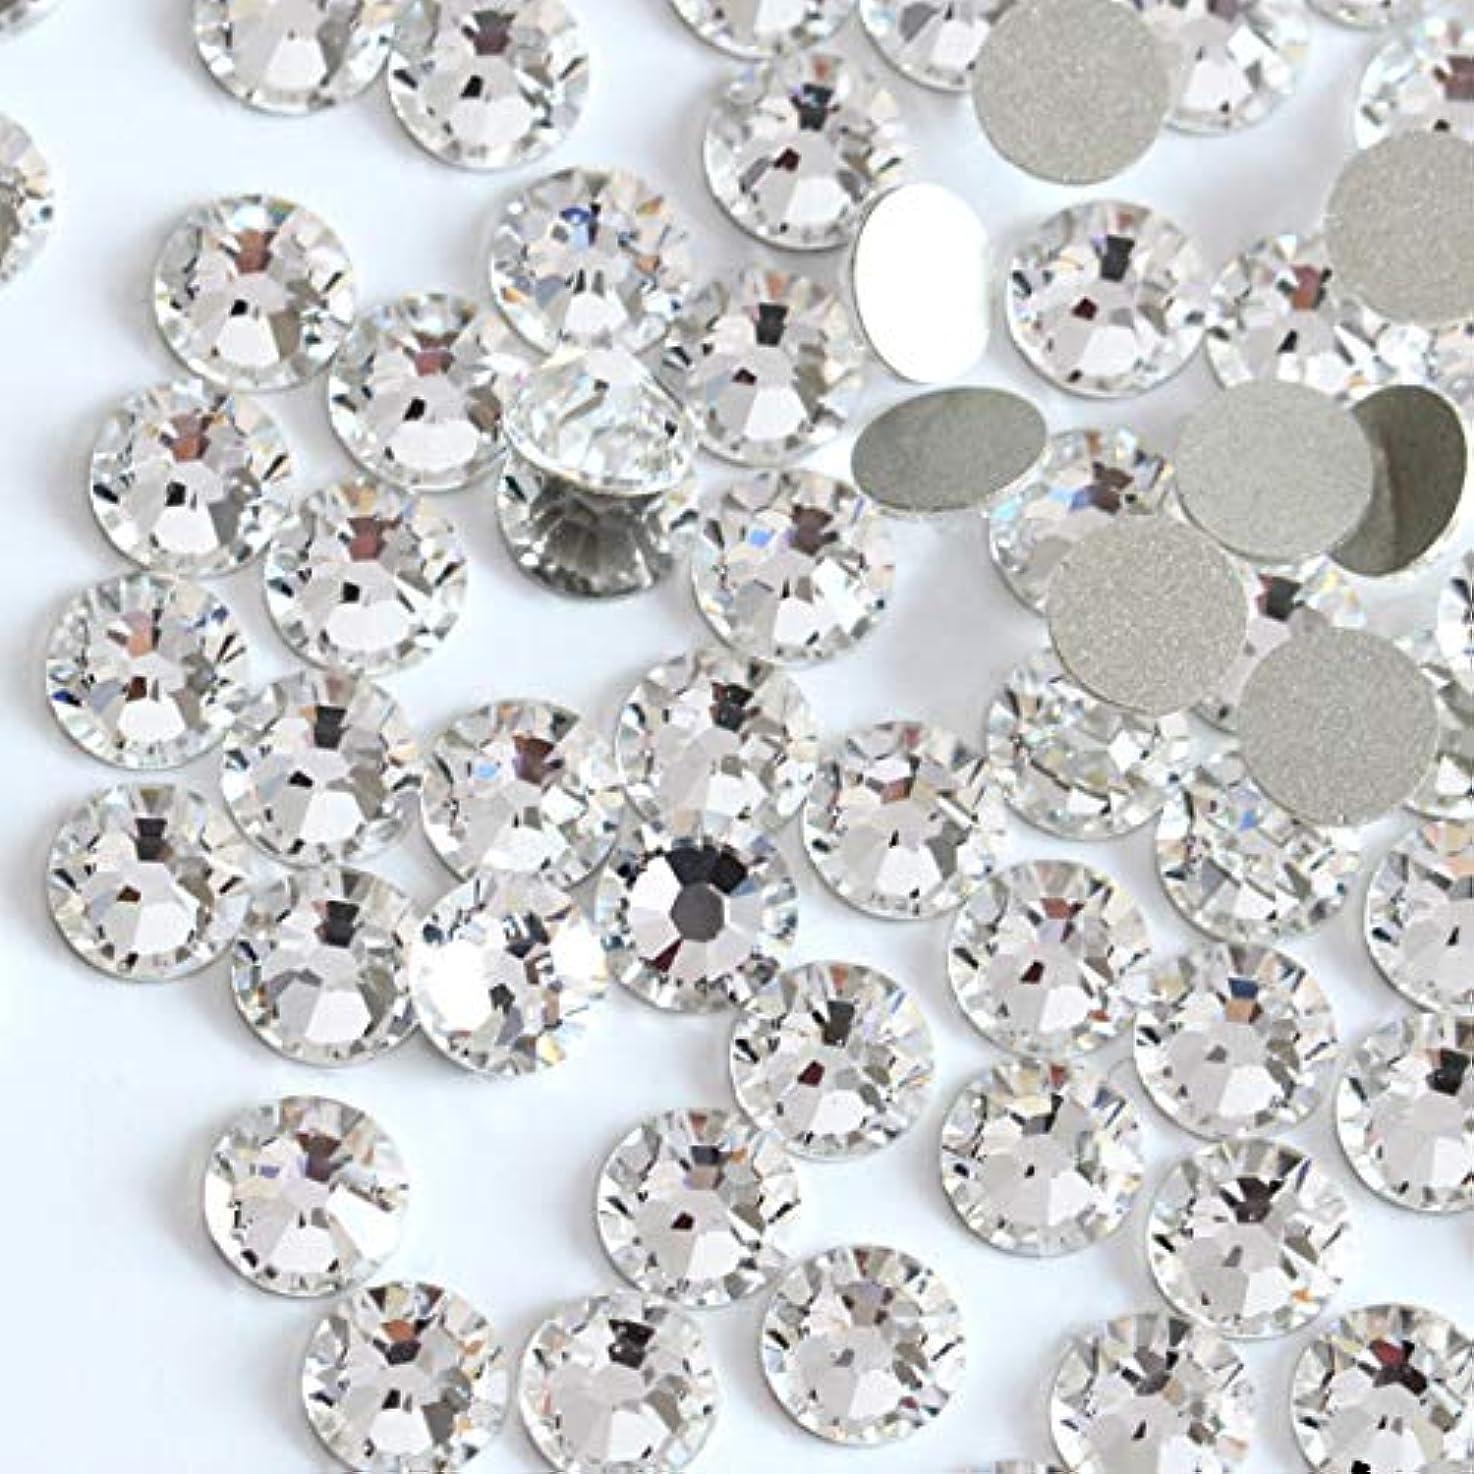 謎めいたシャイ概念【ラインストーン77】高品質ガラス製ラインストーン クリスタル(1.3mm (SS3) 約200粒)